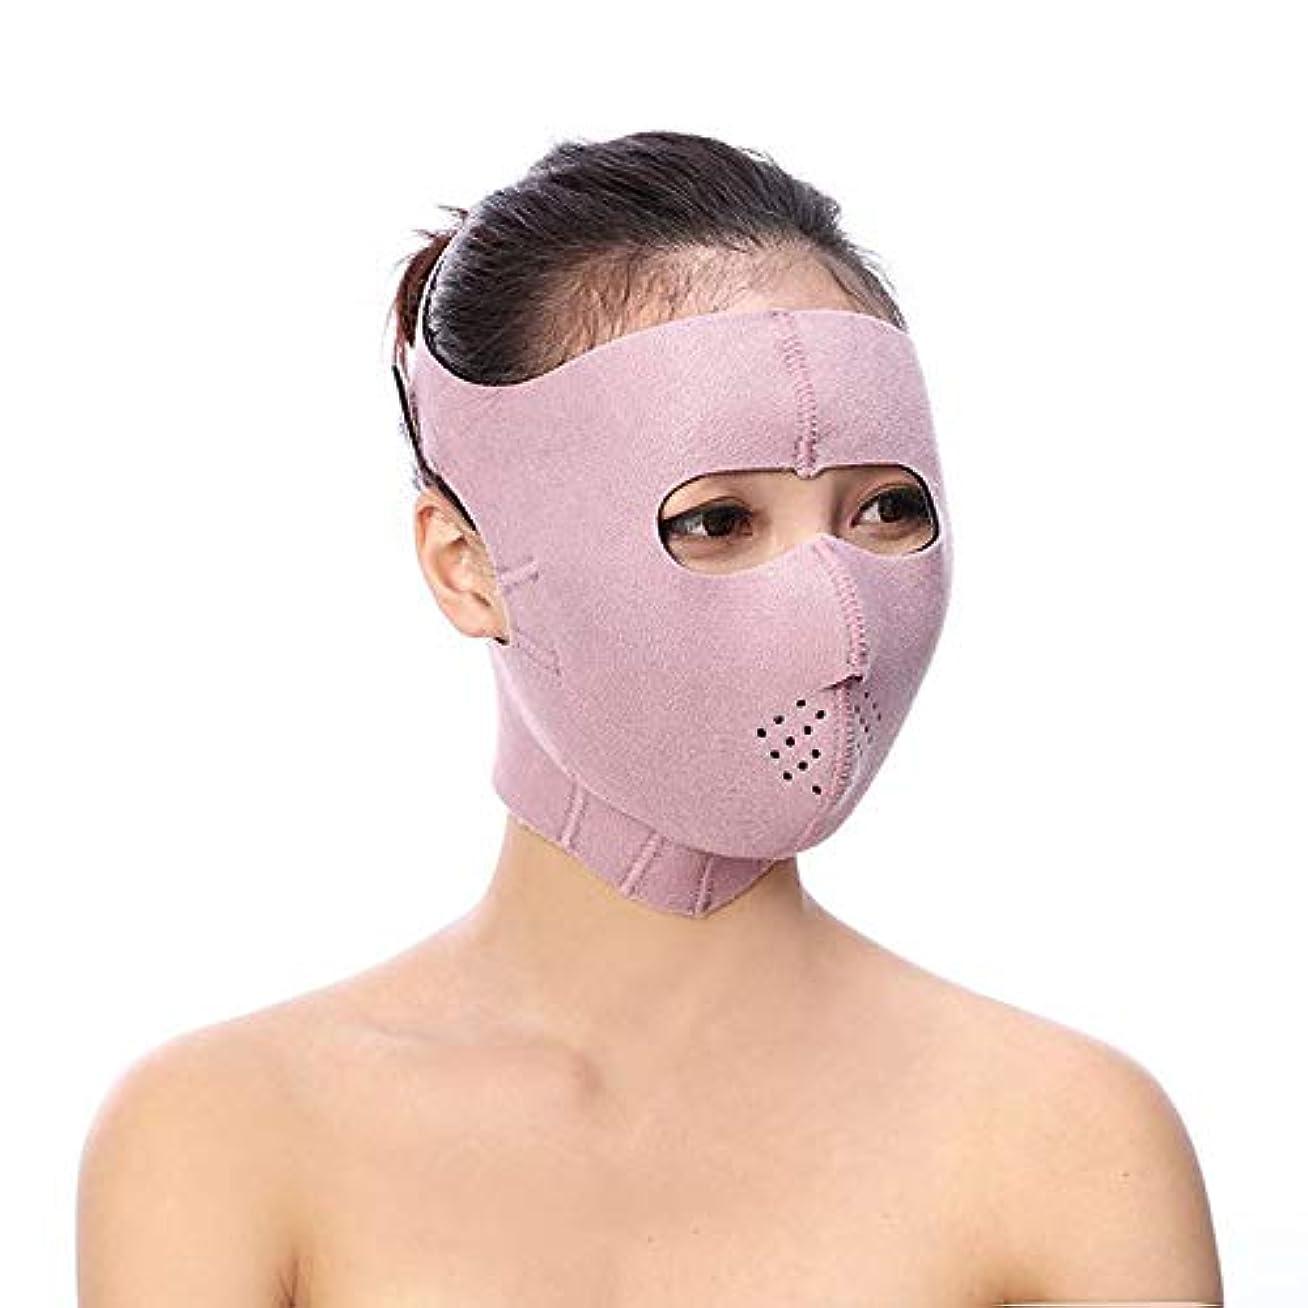 全滅させるブロー液化するフェイシャルリフティング痩身ベルト - Vフェイス包帯マスクフェイシャルマッサージャー無料の薄いフェイス包帯整形マスクを引き締める顔と首の顔スリム